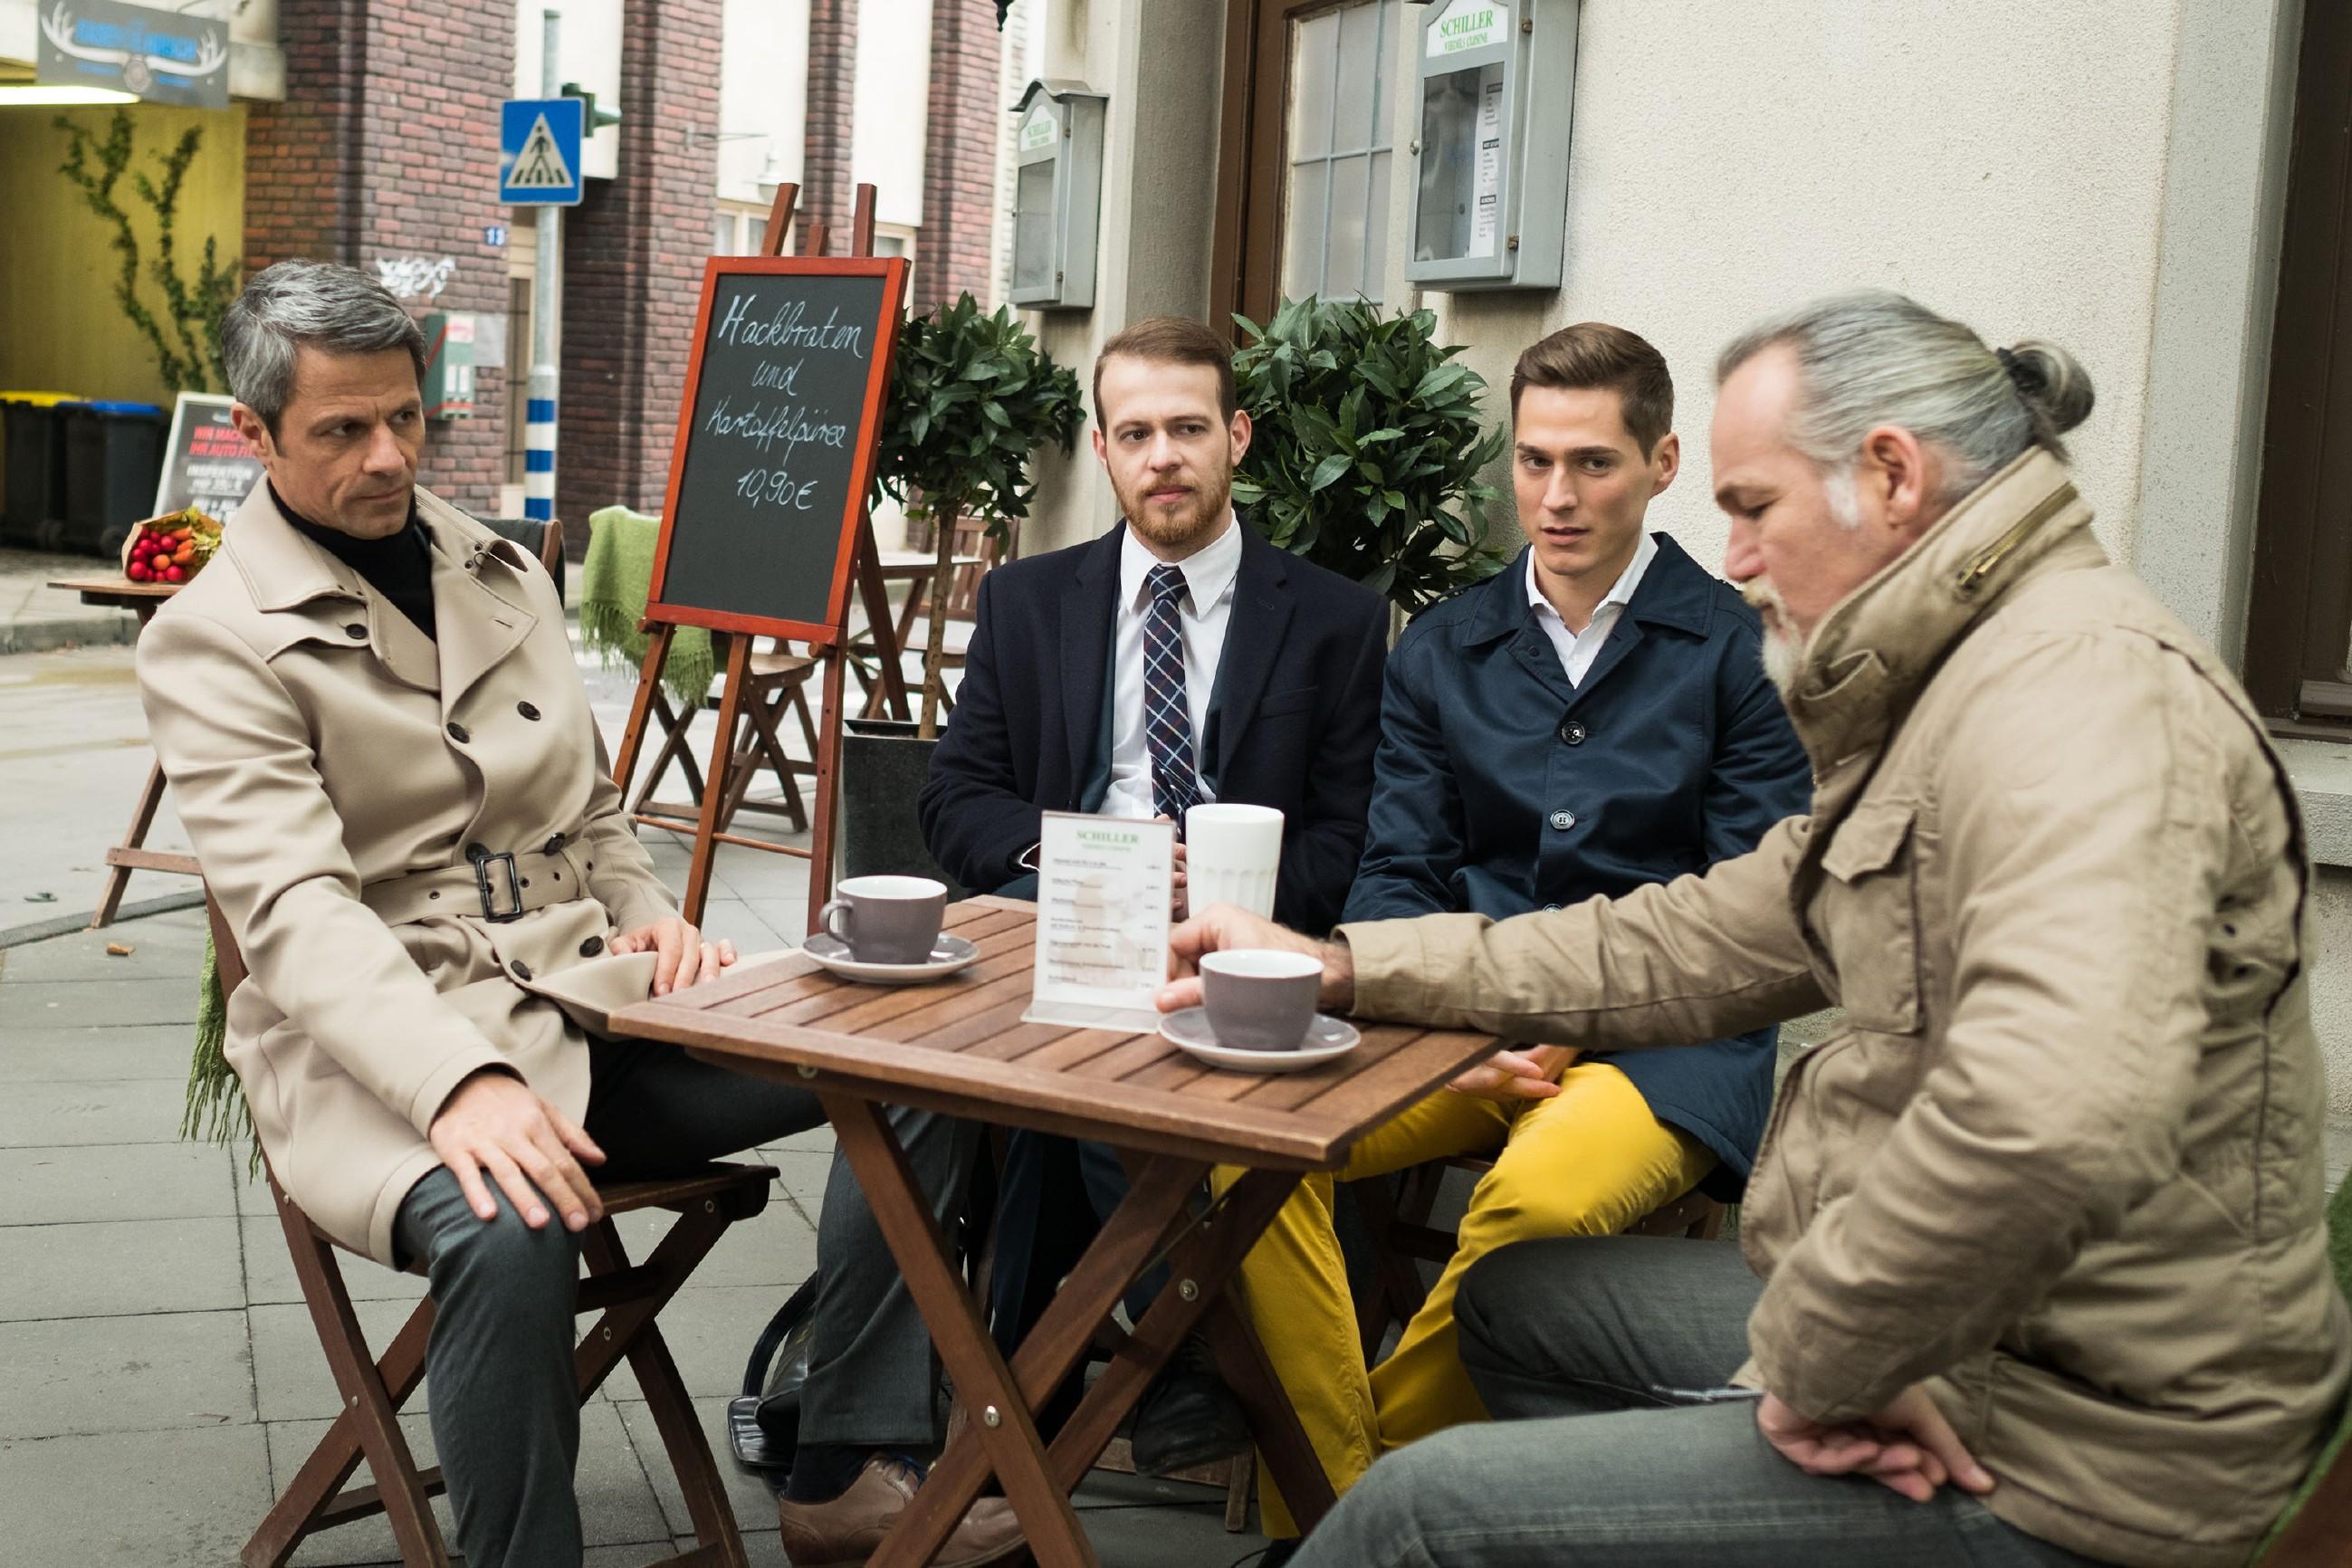 V.l.: Benedikt (Jens Hajek) wird in Gegenwart von Tobias (Patrick Müller), Ringo (Timothy Boldt) und Robert (Luca Maric) nervös klar, dass sich die Befürchtungen wegen Opitz bewahrheiten. (Quelle: RTL / Stefan Behrens)